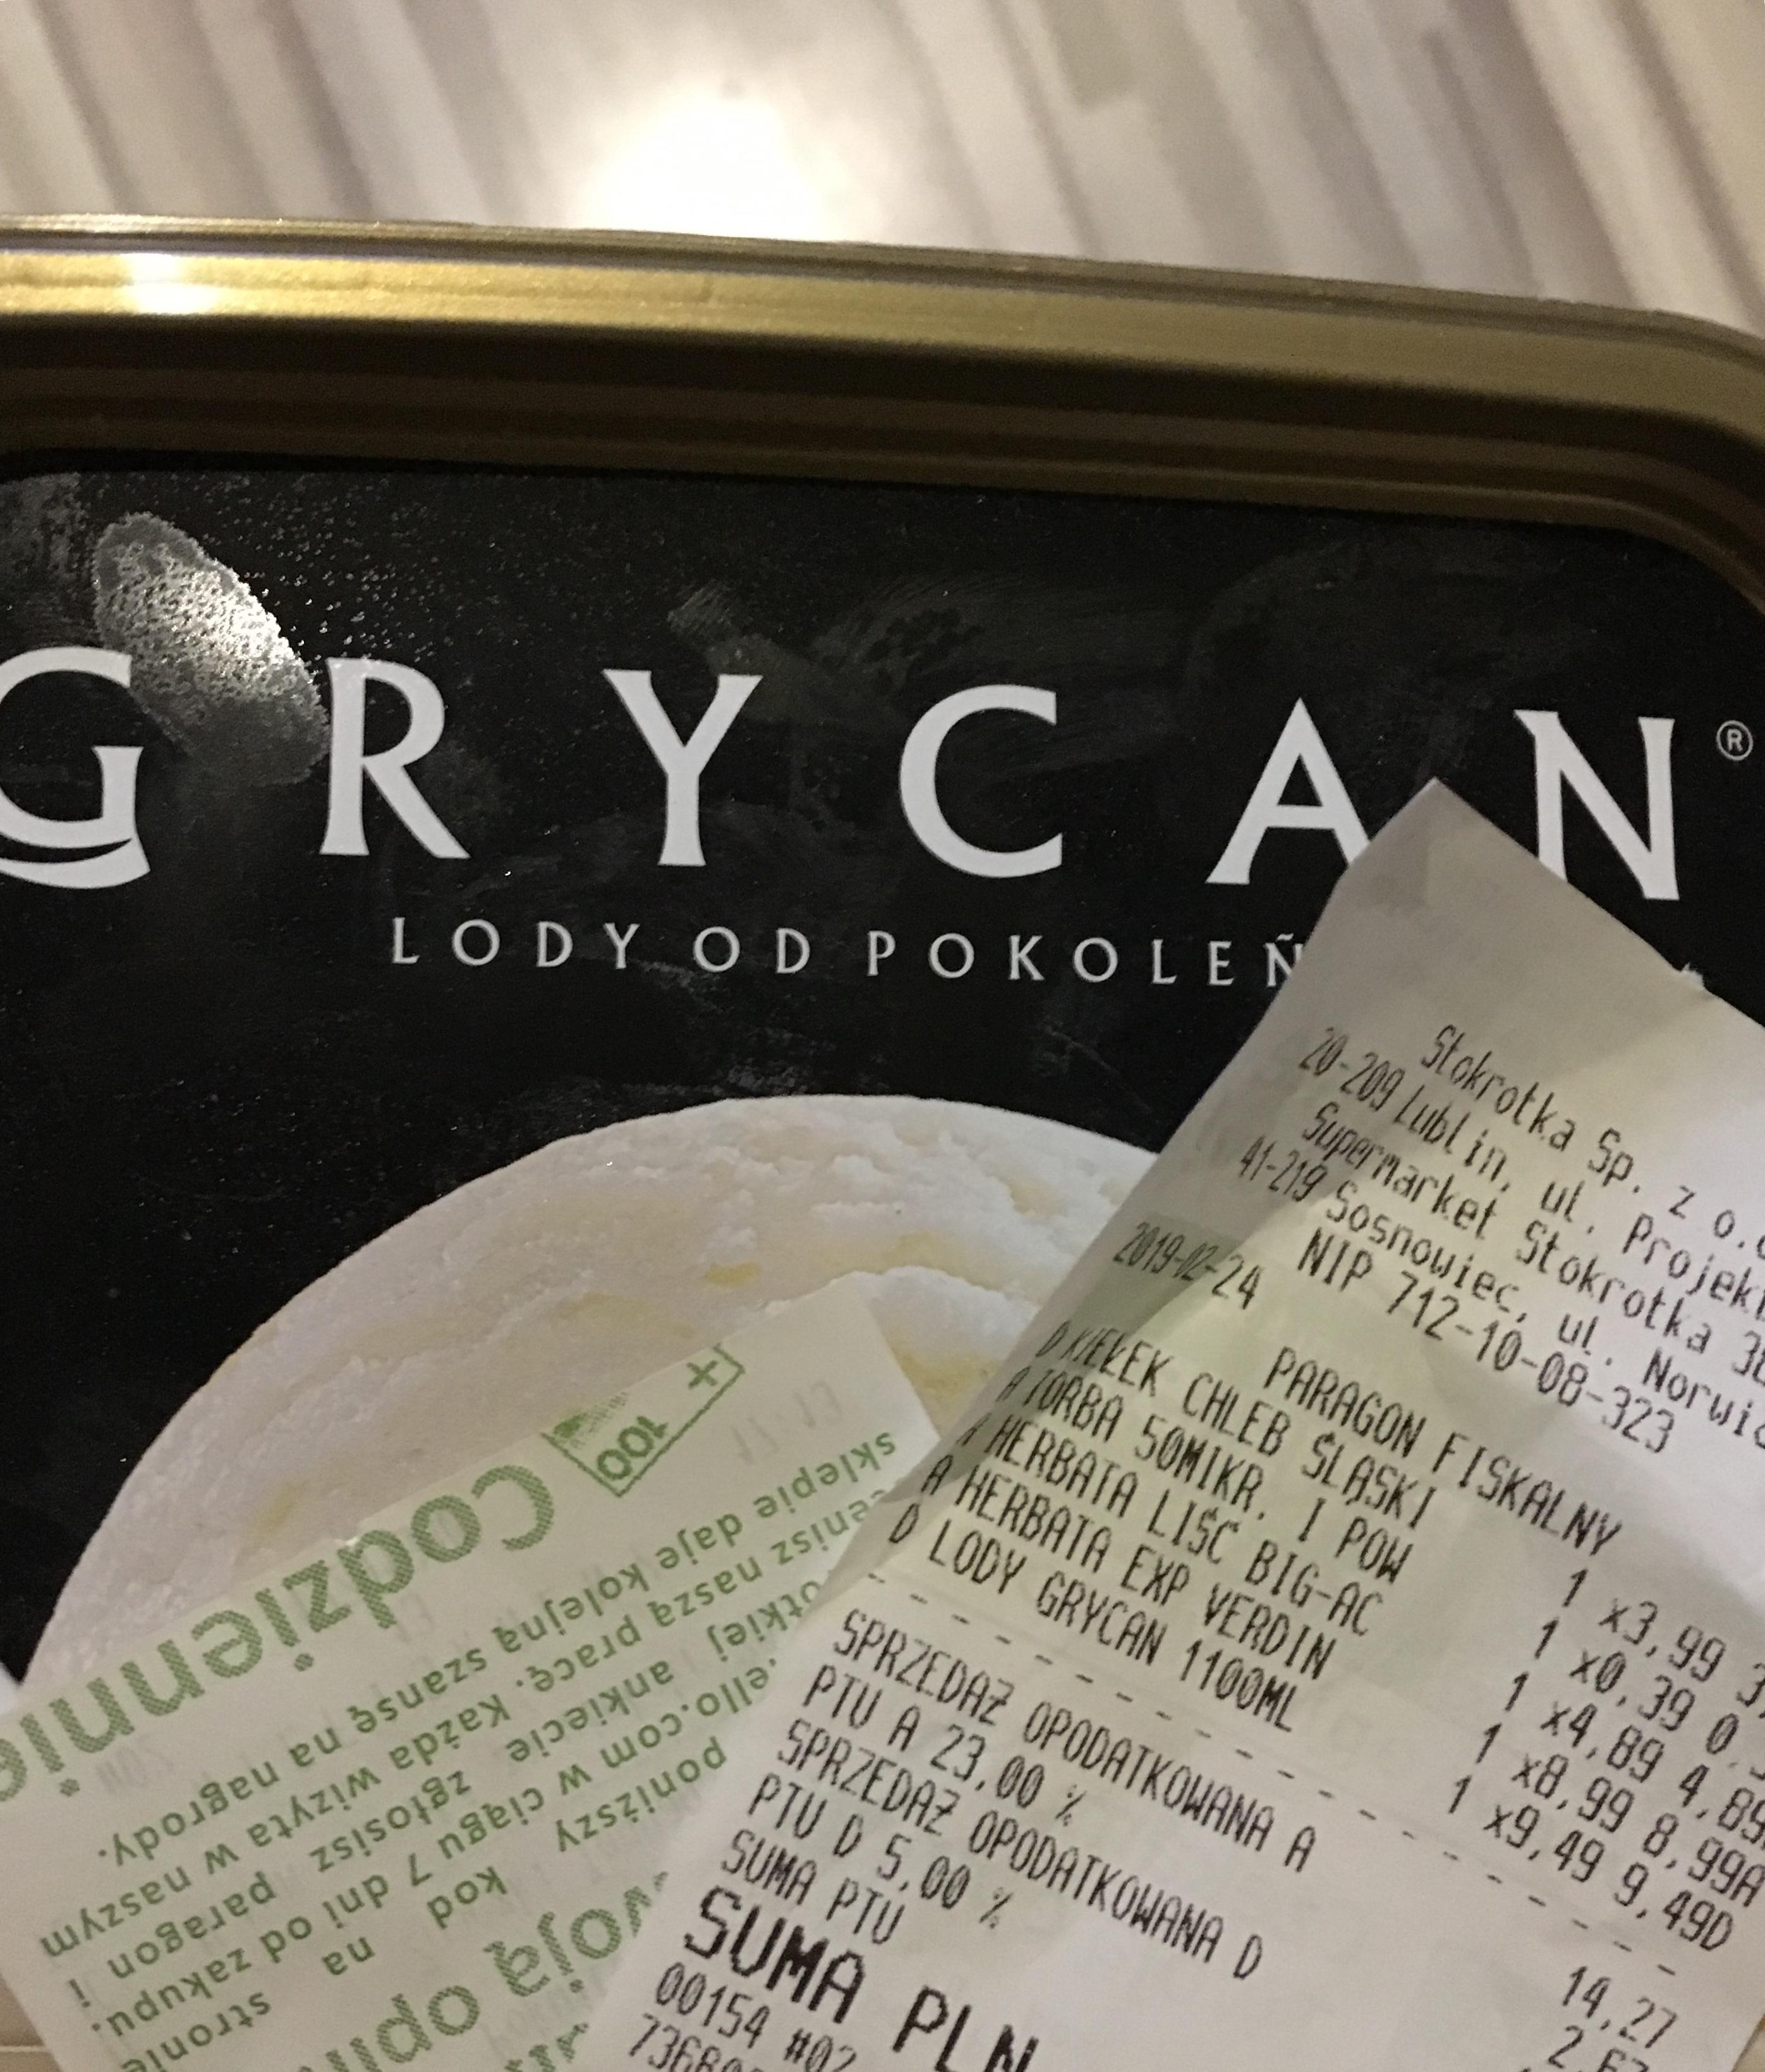 Lody Grycan 1100 ml - Stokrotka